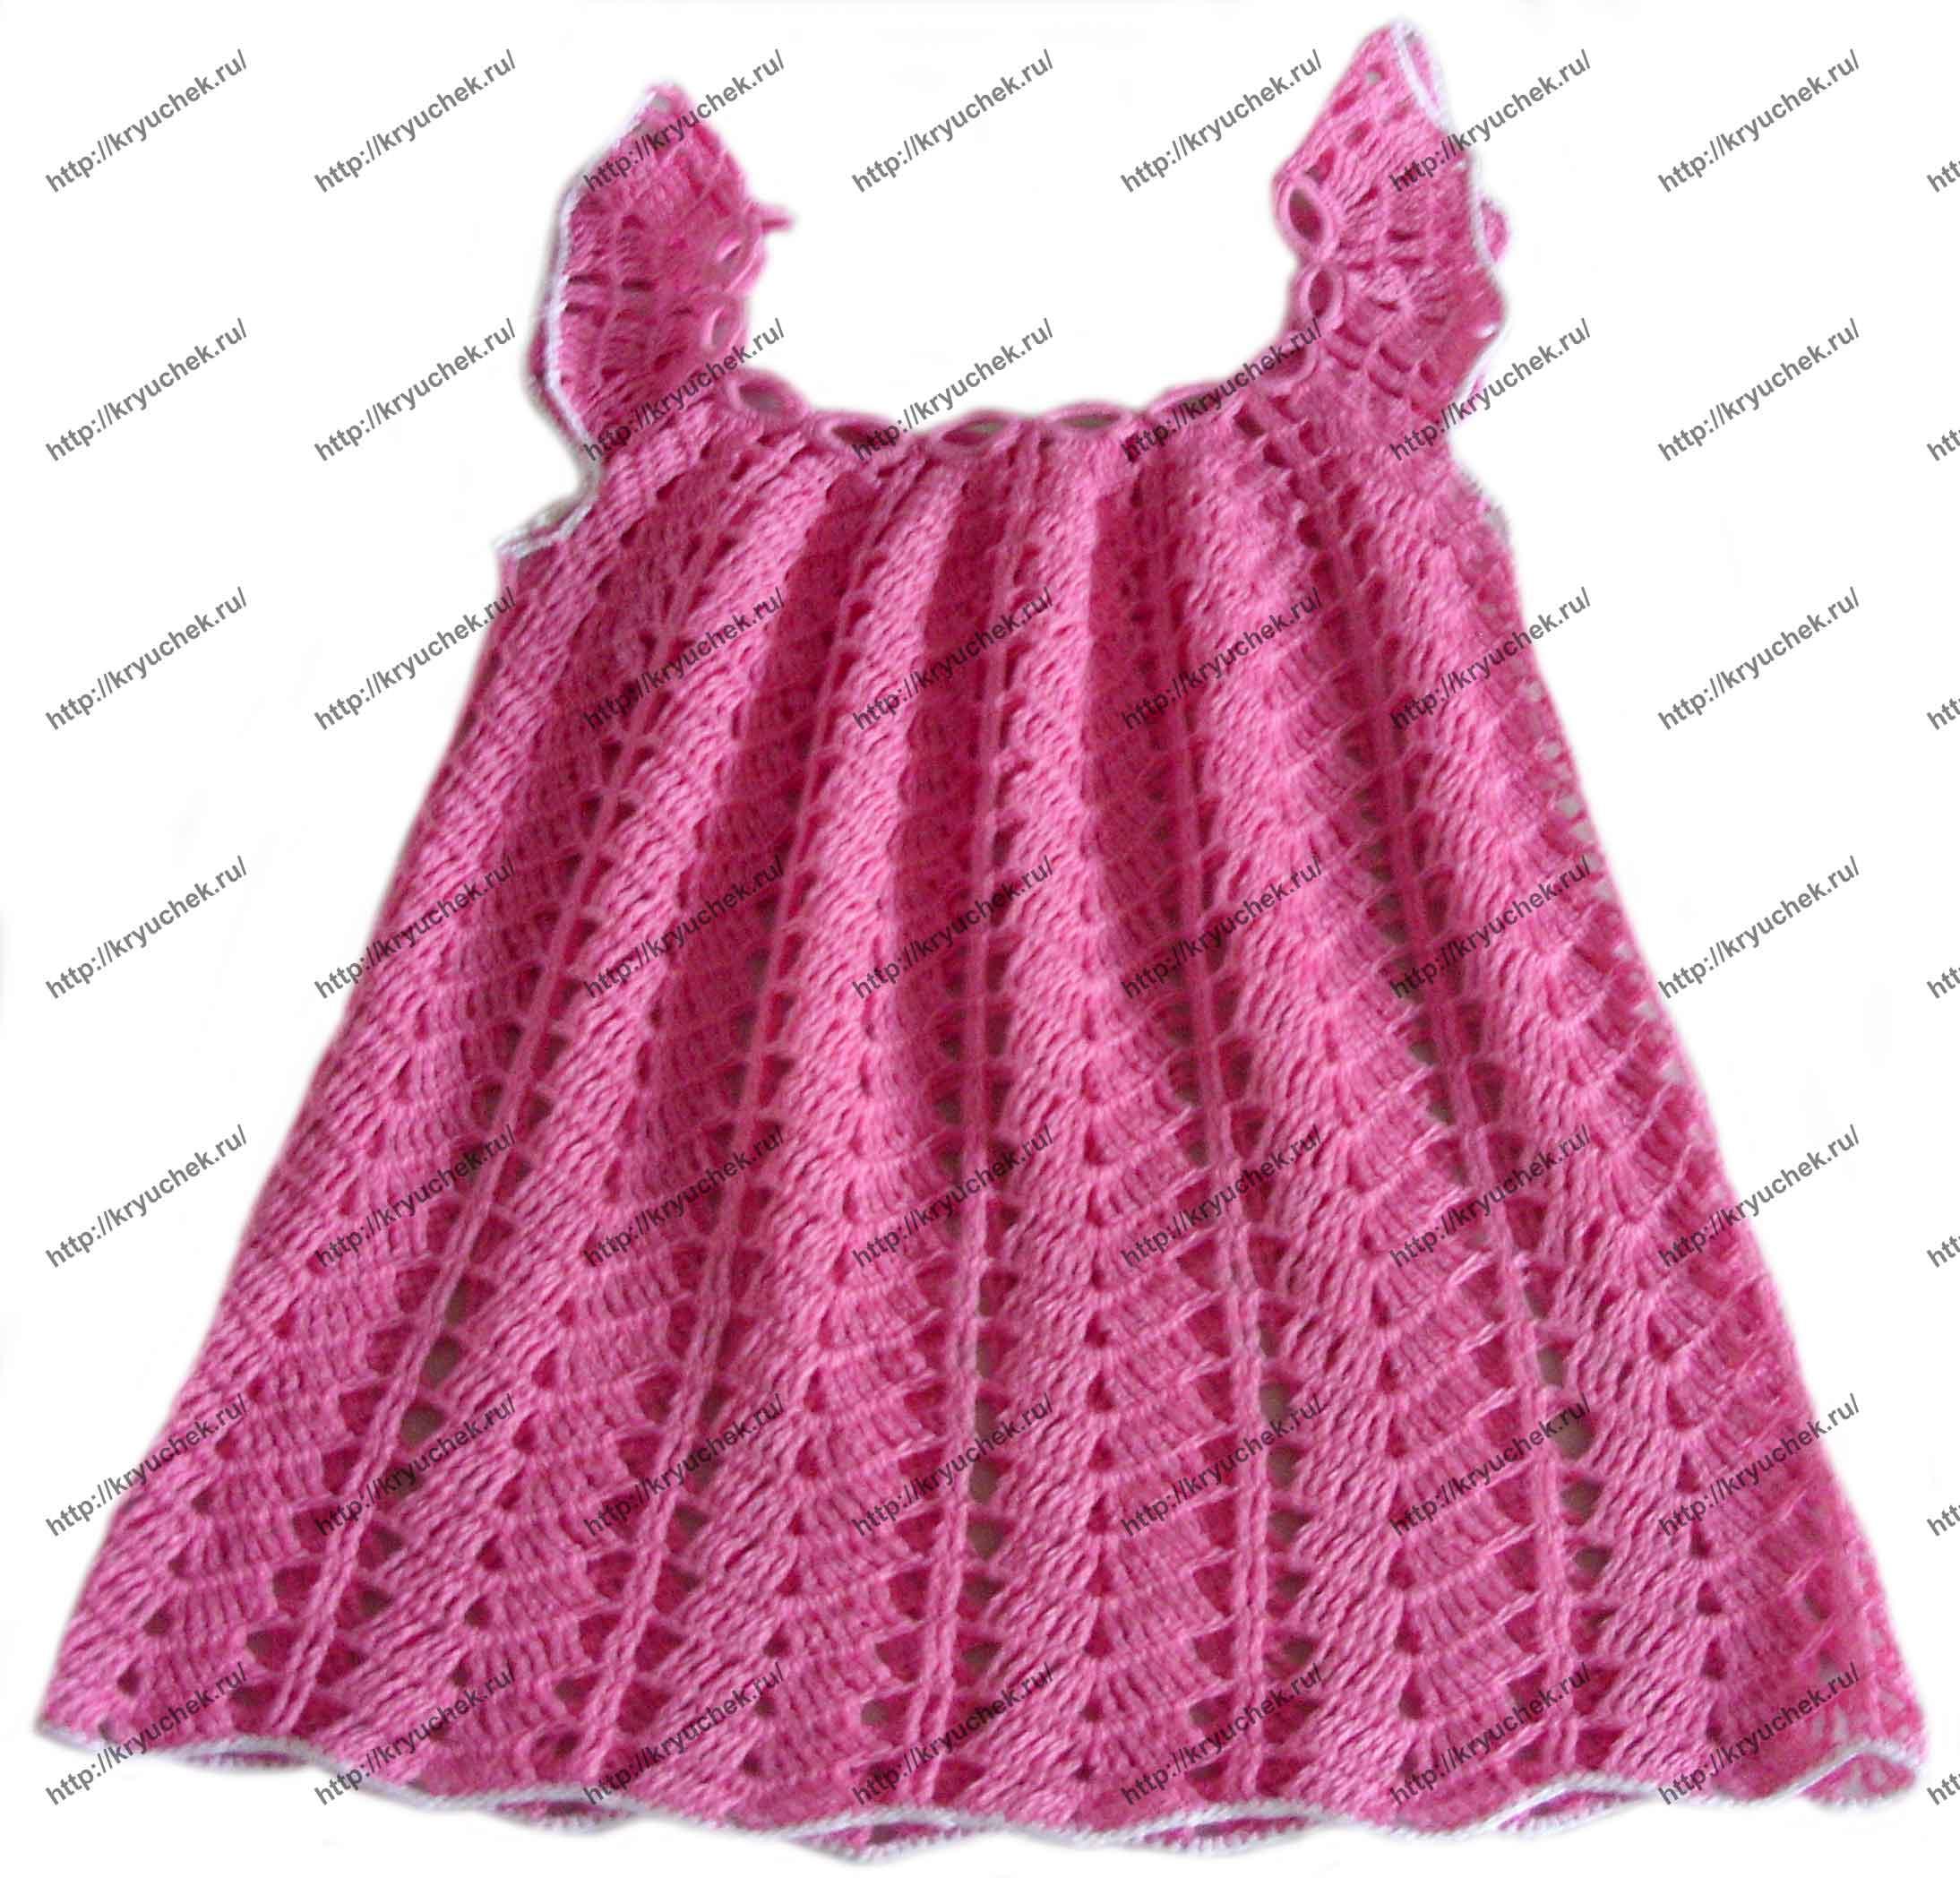 вязанное крючком платье для девочки схема и описание